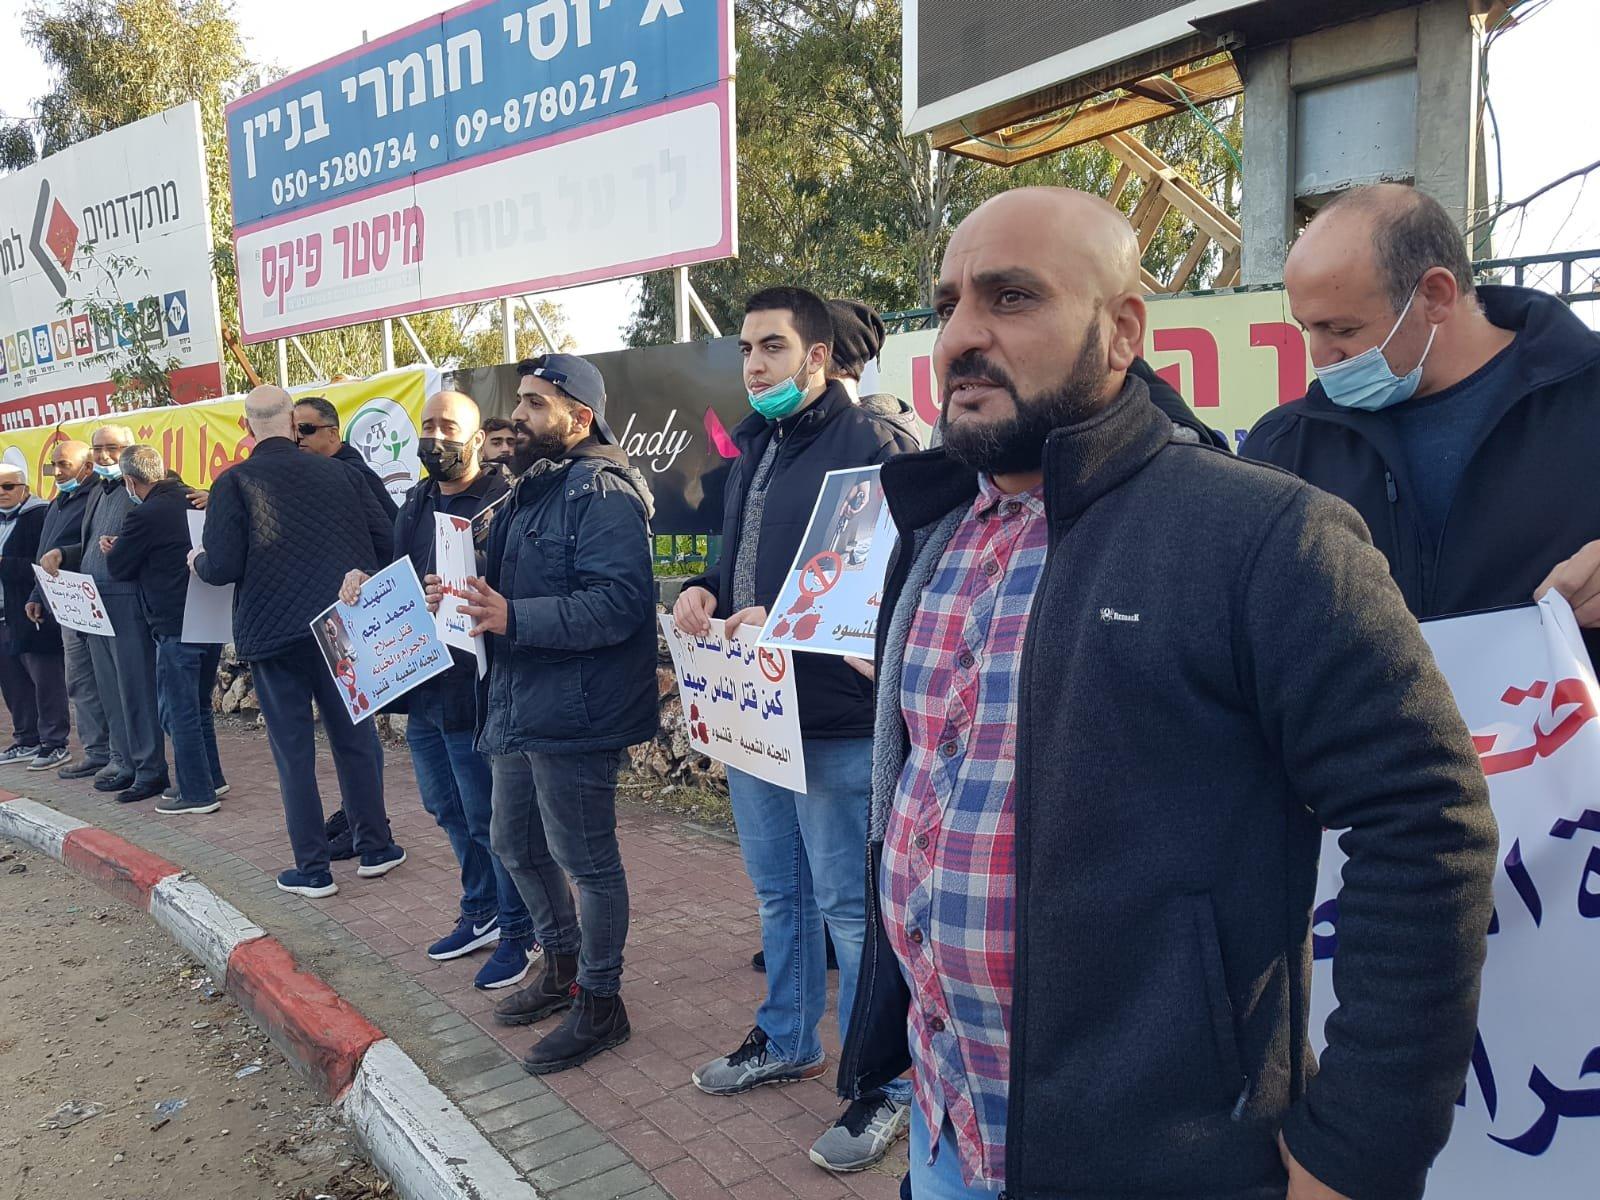 قلنسوة تتظاهر ضد العنف-1